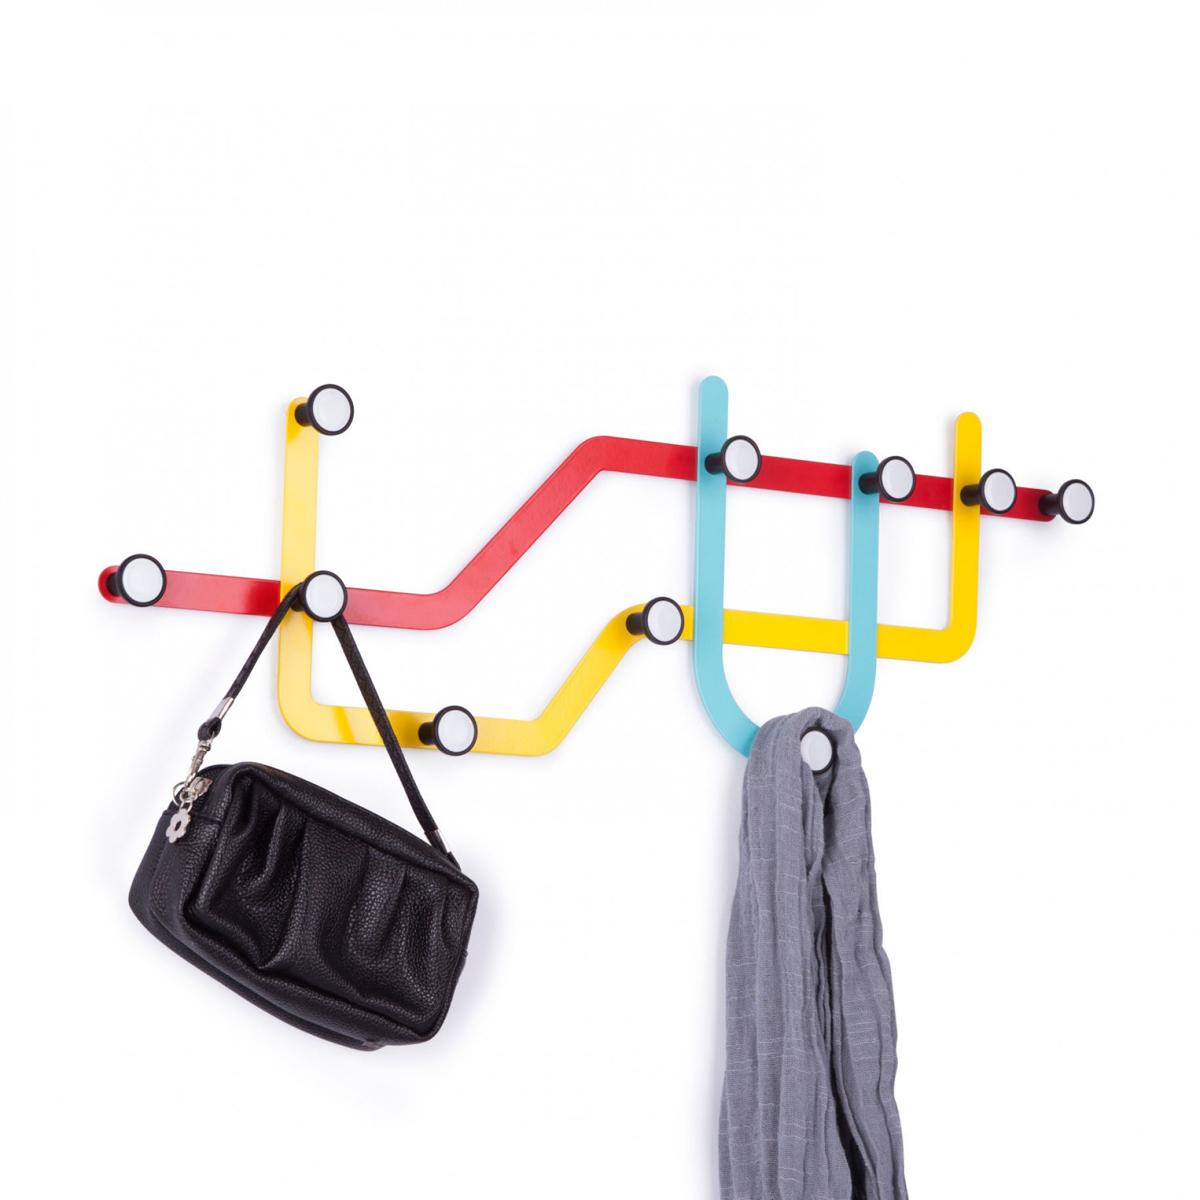 Вешалка Umbra Subway, цвет: мульти, 10 крючков318187-370Оригинальная вешалка Umbra Subway, напоминающая карту метро, имеет 10 крючков для одежды, каждый из которых выдерживает вес до 2,3 кг. Никогда еще метро не было столь удобным для повседневных нужд! Вешалку можно разместить и горизонтально и вертикально, все монтажное оборудование входит в комплект. Размер вешалки: 59 см х 21 см х 2,5 см.